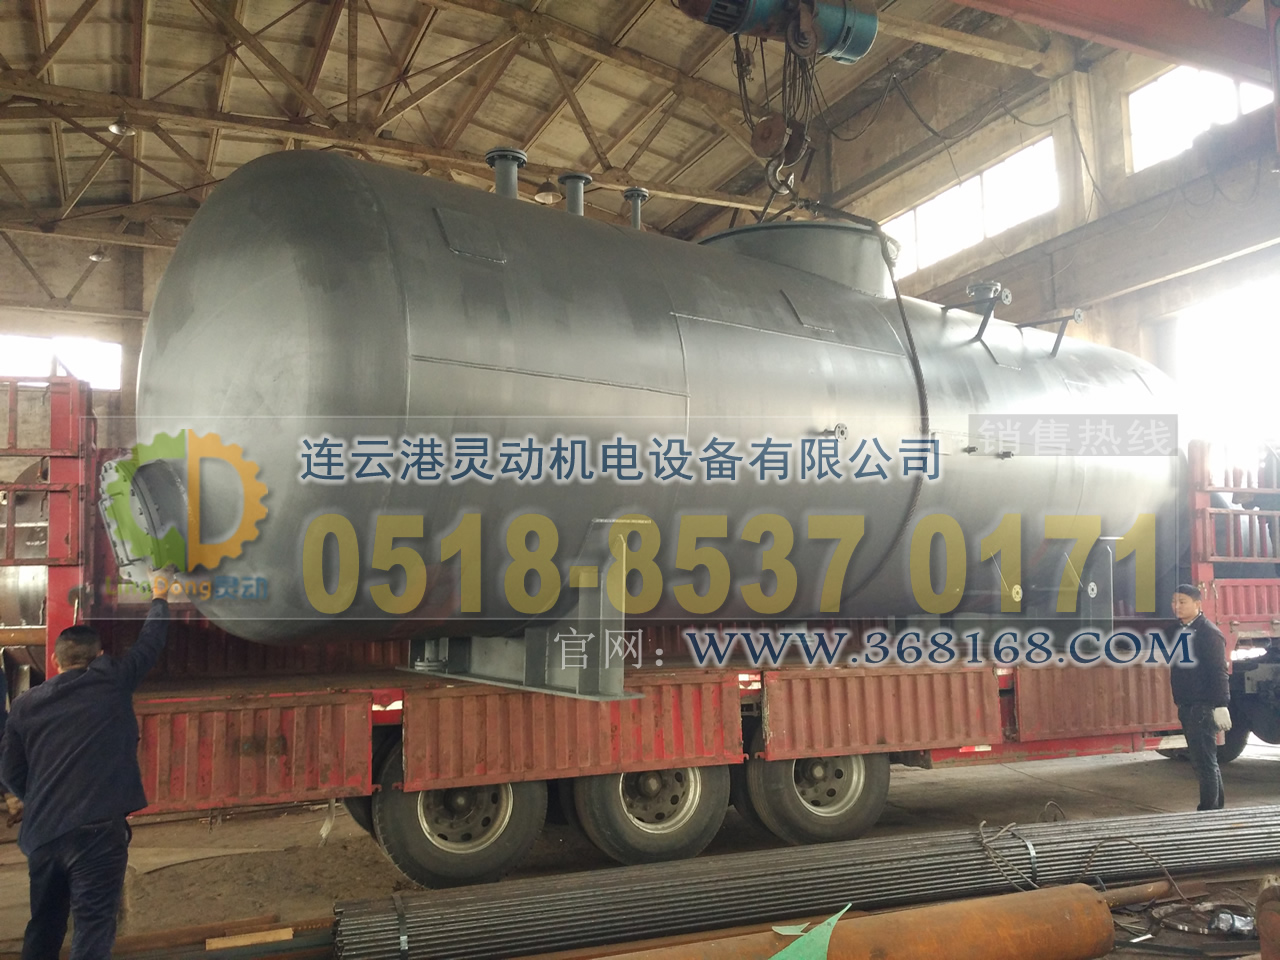 热力式除氧器制造,旋膜除氧器厂家,低位热力除氧器生产厂家